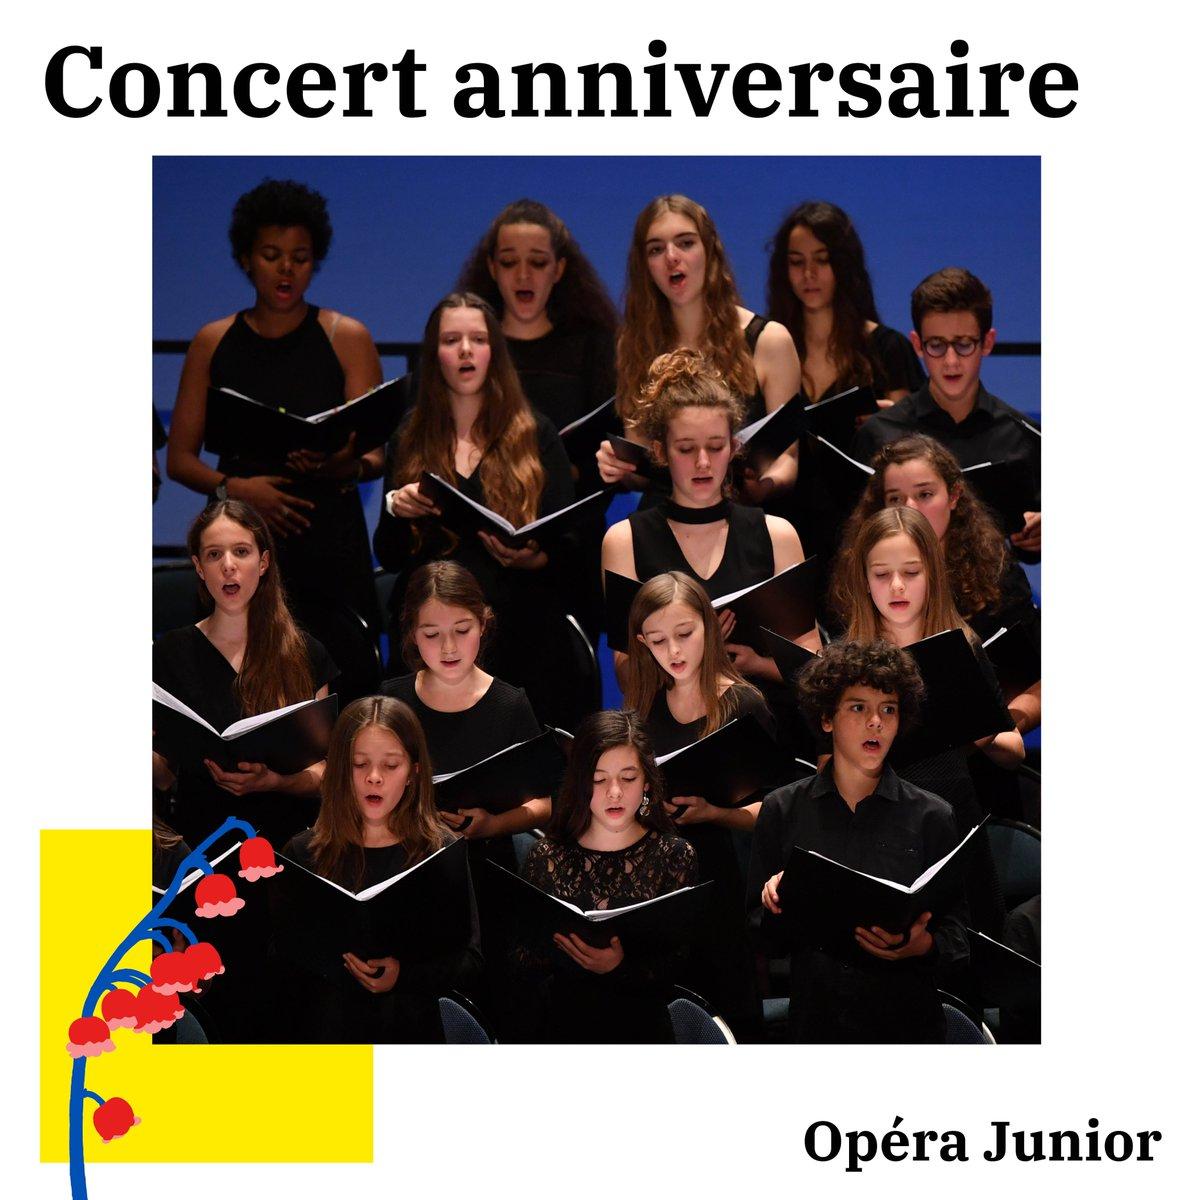 🎂Serez-vous dans la salle de l'Opéra Berlioz #Montpellier dimanche pour souhaiter un joyeux 30ème #anniversaire au chœur Opéra Junior ? Nos 149 jeunes chanteurs comptent sur vous ! 📅 Dim 27 sep à 17h 🎟️ Tarif unique 10€ : https://t.co/5UfBaKJNAi @vchevalier @PILLEMENT https://t.co/88Mic6ONQ4